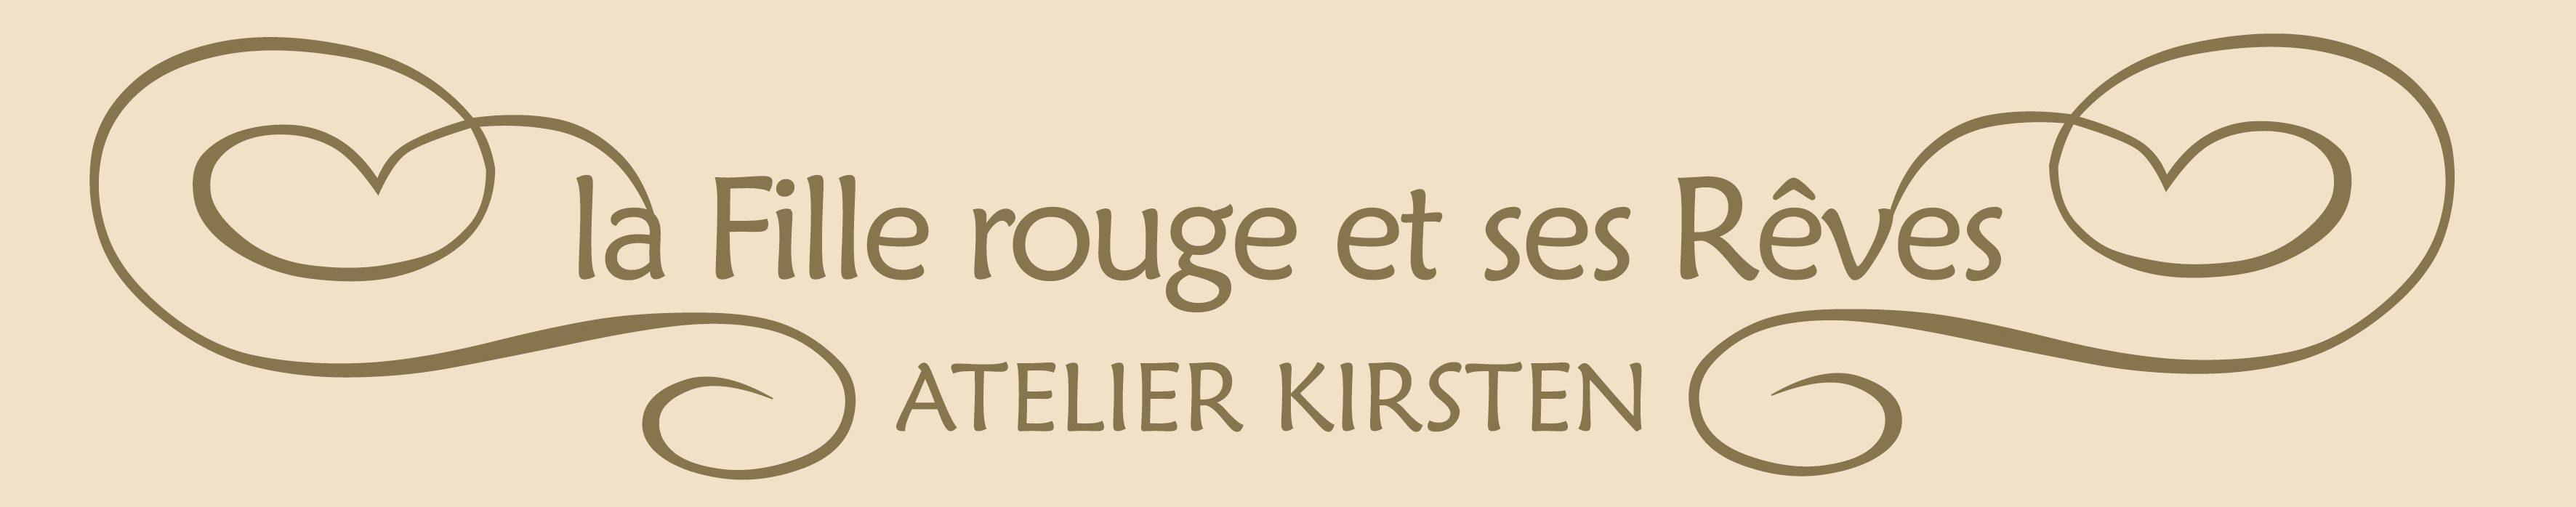 Atelier Kirsten